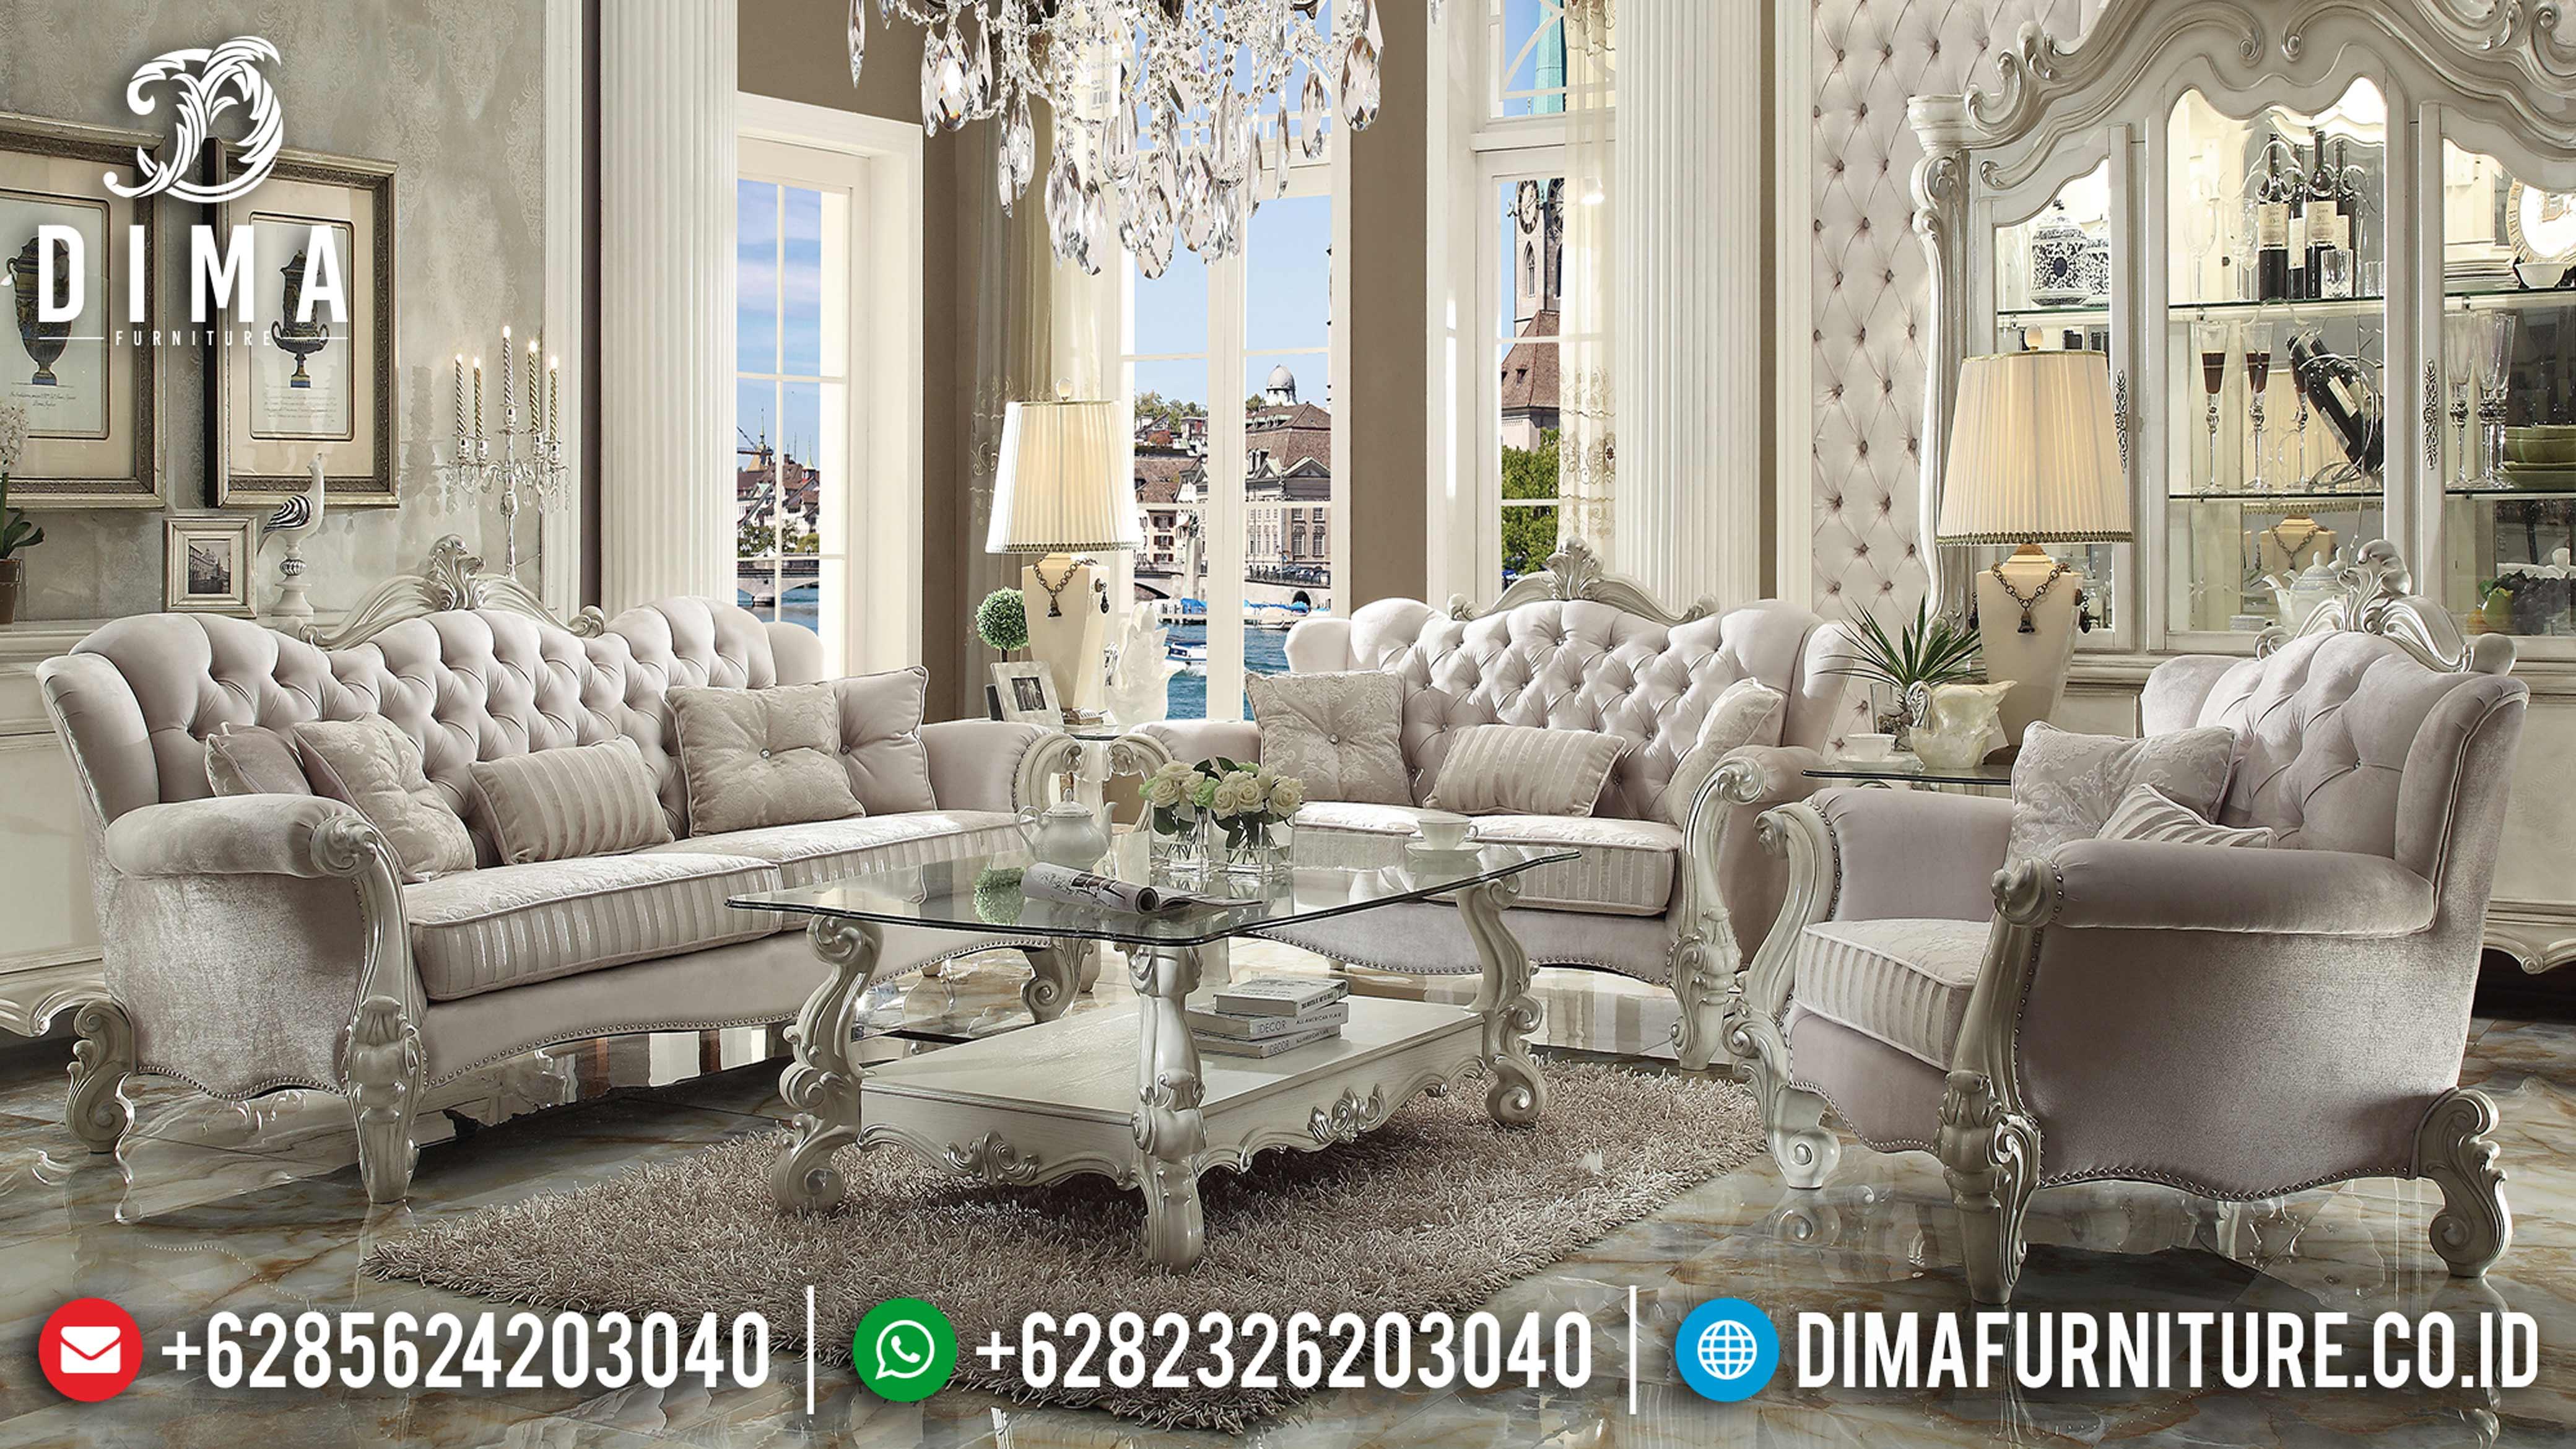 Mebel Klasik Murah, Sofa Tamu Jepara, Sofa Ruang Tamu Mewah DF-0654